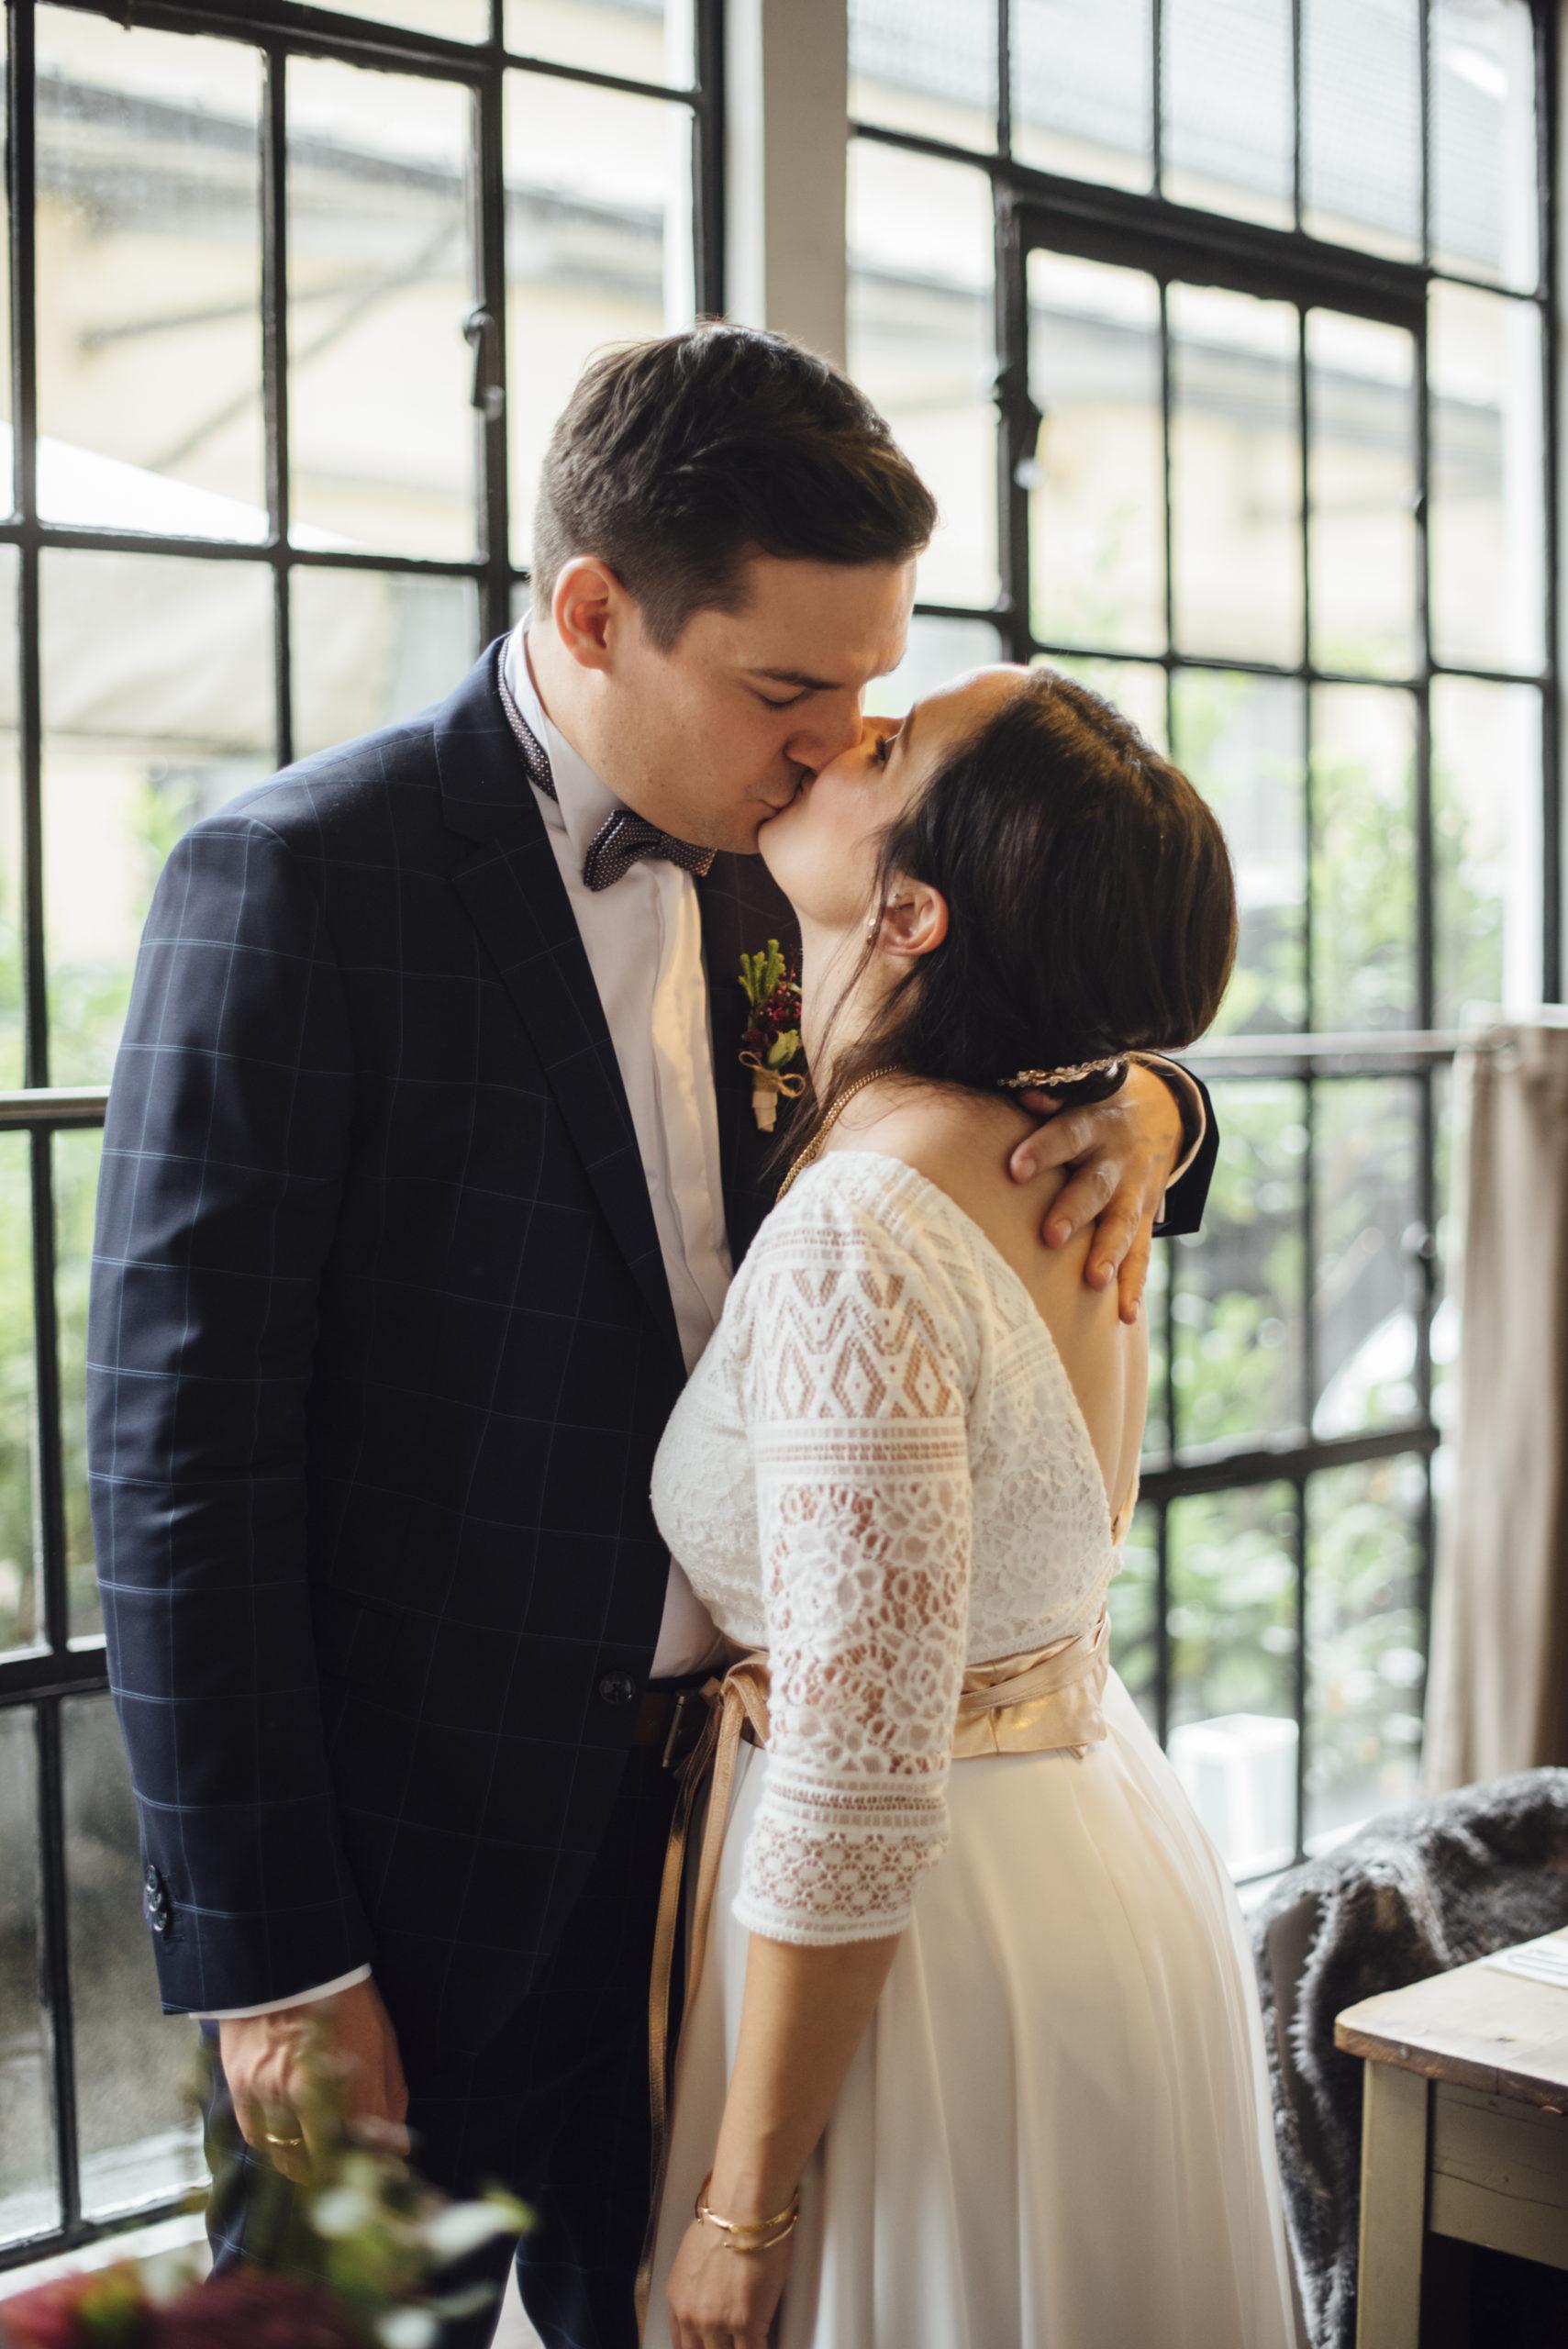 Brautpaar sich küssend, Braut in weißem Brautkleid-Zweiteiler und Gürtel in Roségold-Metallic, Bräutigam mit blau-kariertem Anzug und Fliege